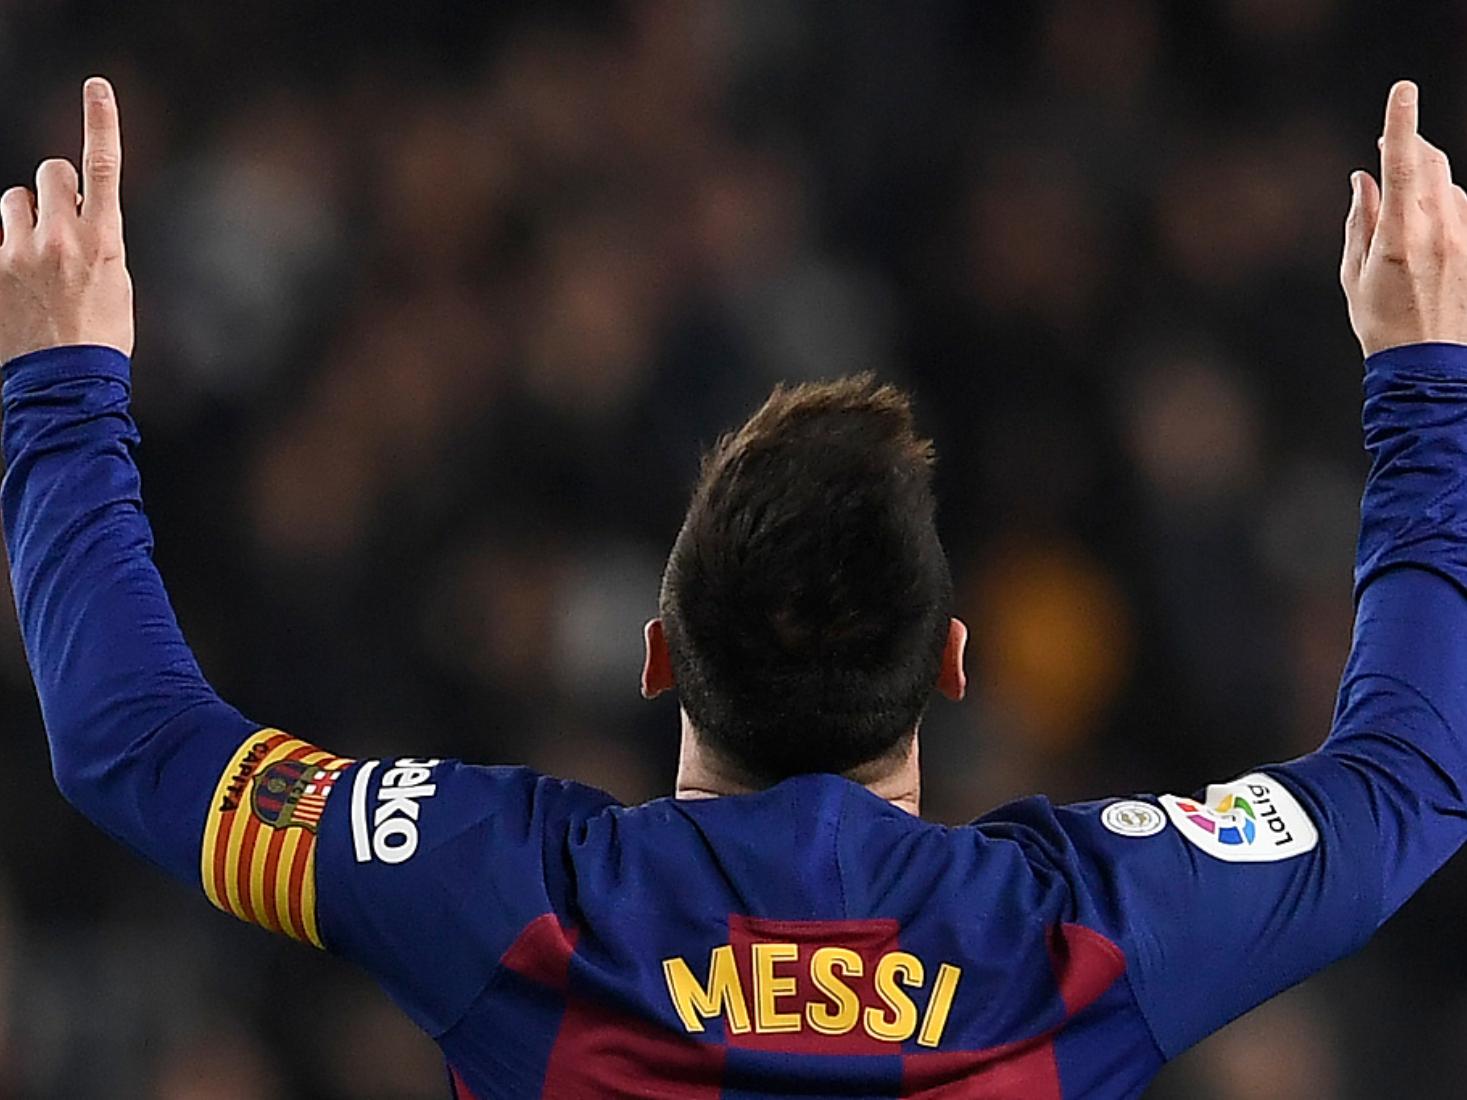 Messi hat-trick breaks La Liga record as Barca put five past Mallorca